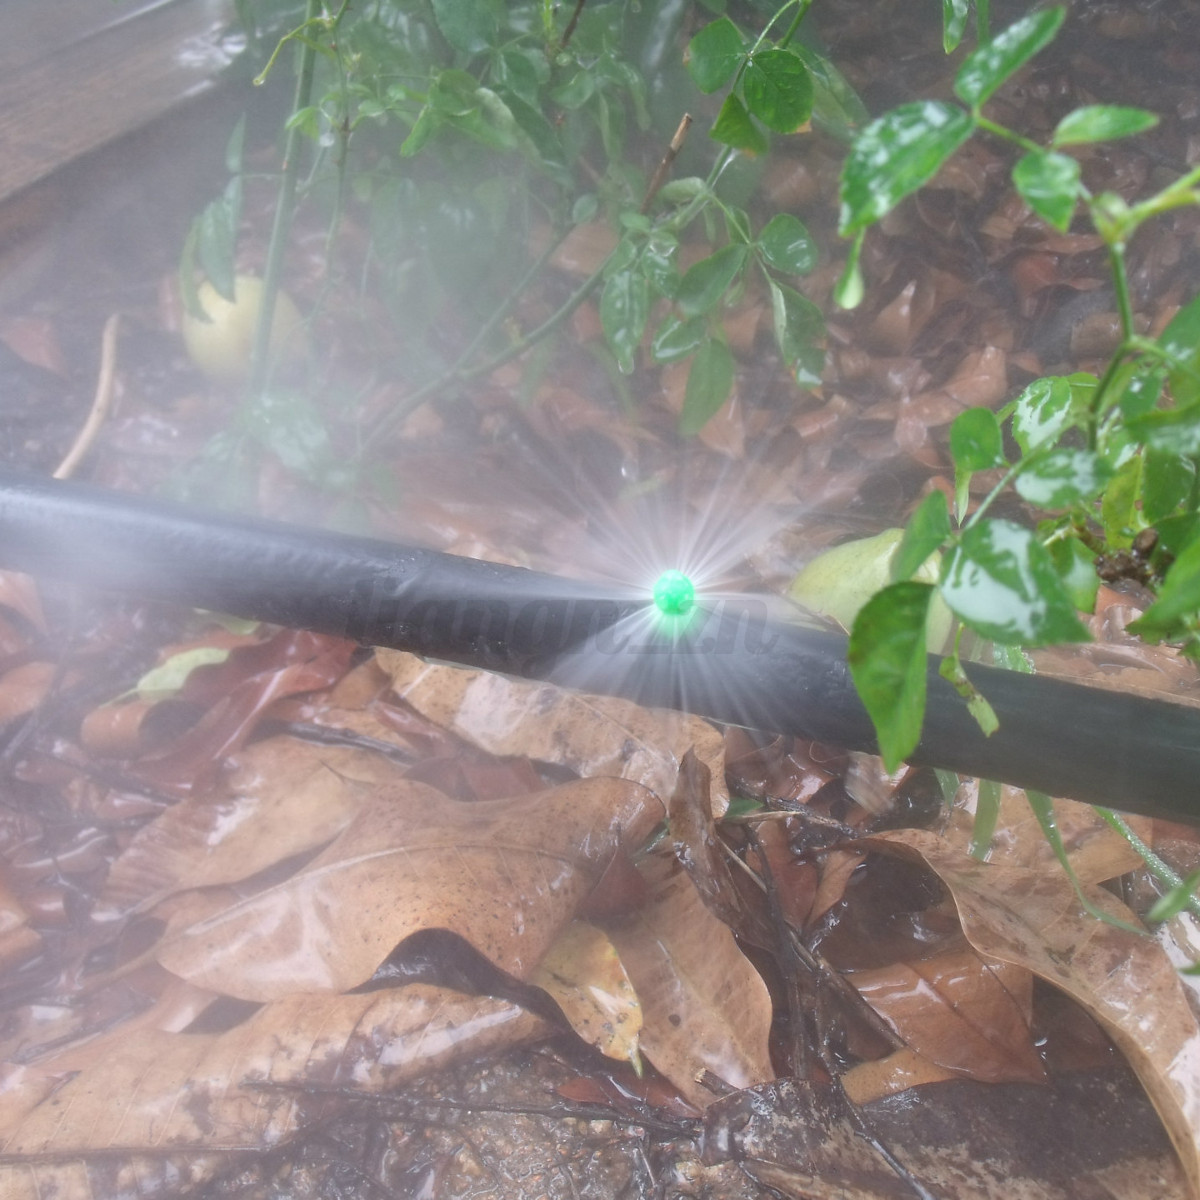 50pcs micro drip d 39 arrosage tuyau irrigation goutte goutte goutteurs jardin ebay. Black Bedroom Furniture Sets. Home Design Ideas